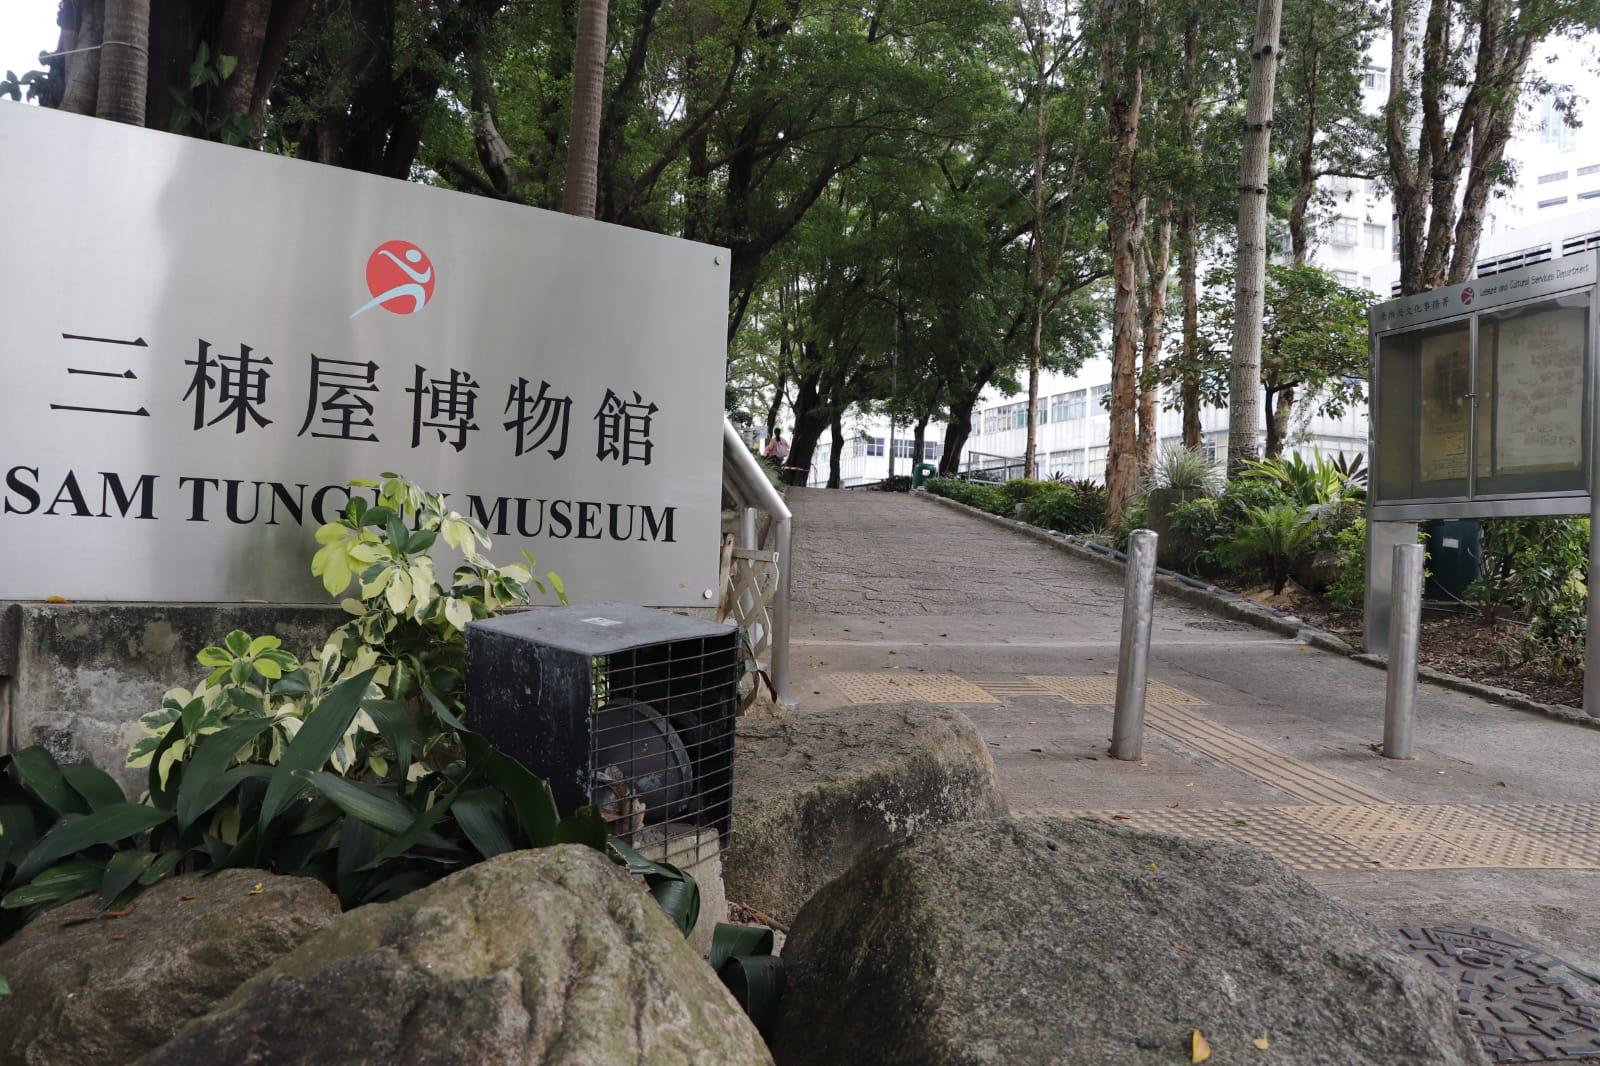 Gerbang masuk Museum Sam Tung Uk Hong Kong | Foto Wijiati Supari/ApakabarOnline.com